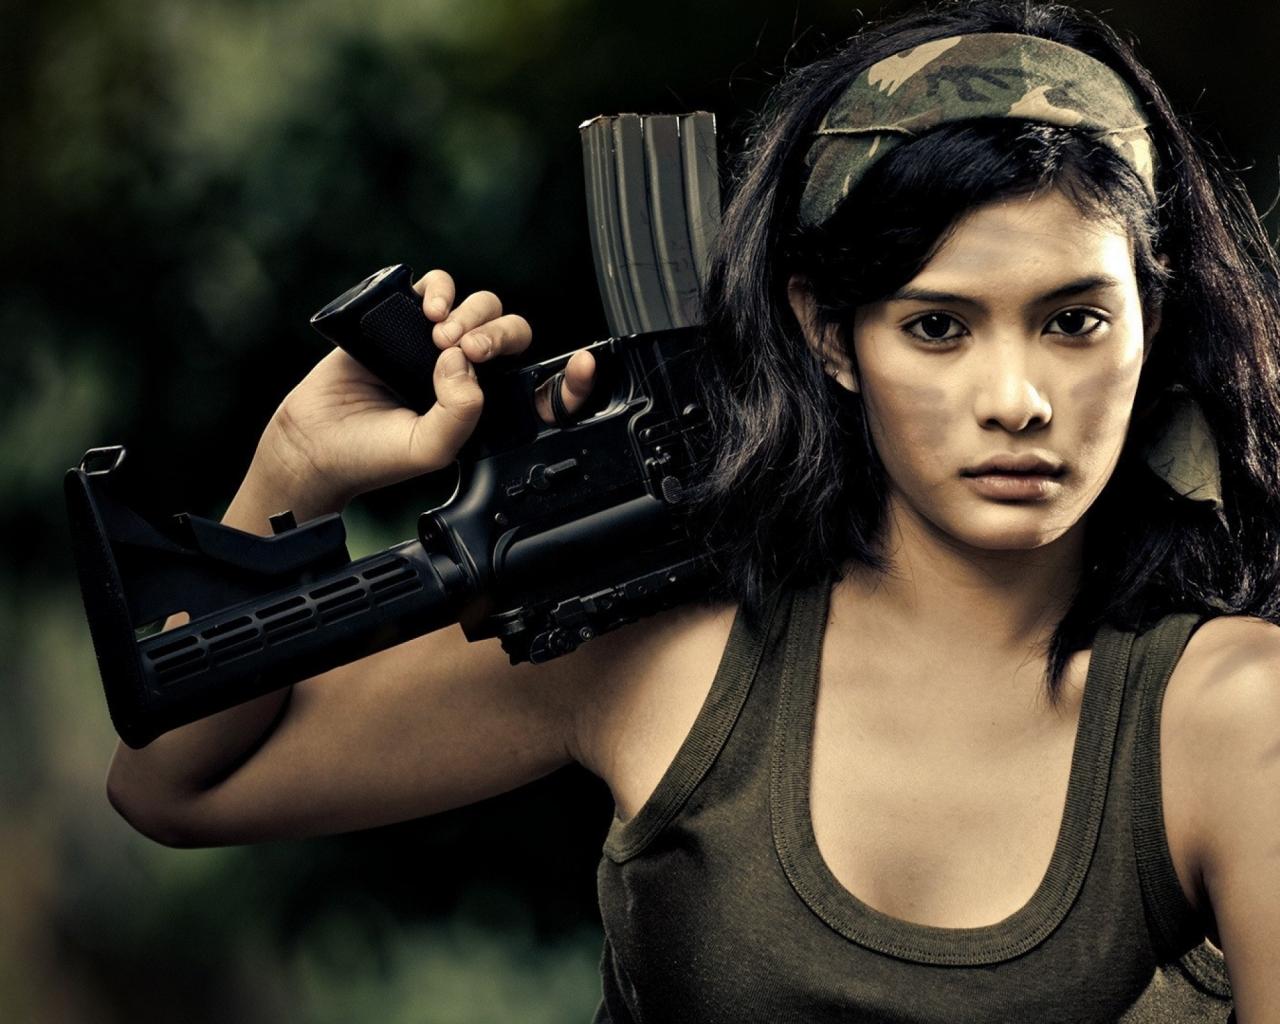 Chica con rifle de asalto - 1280x1024